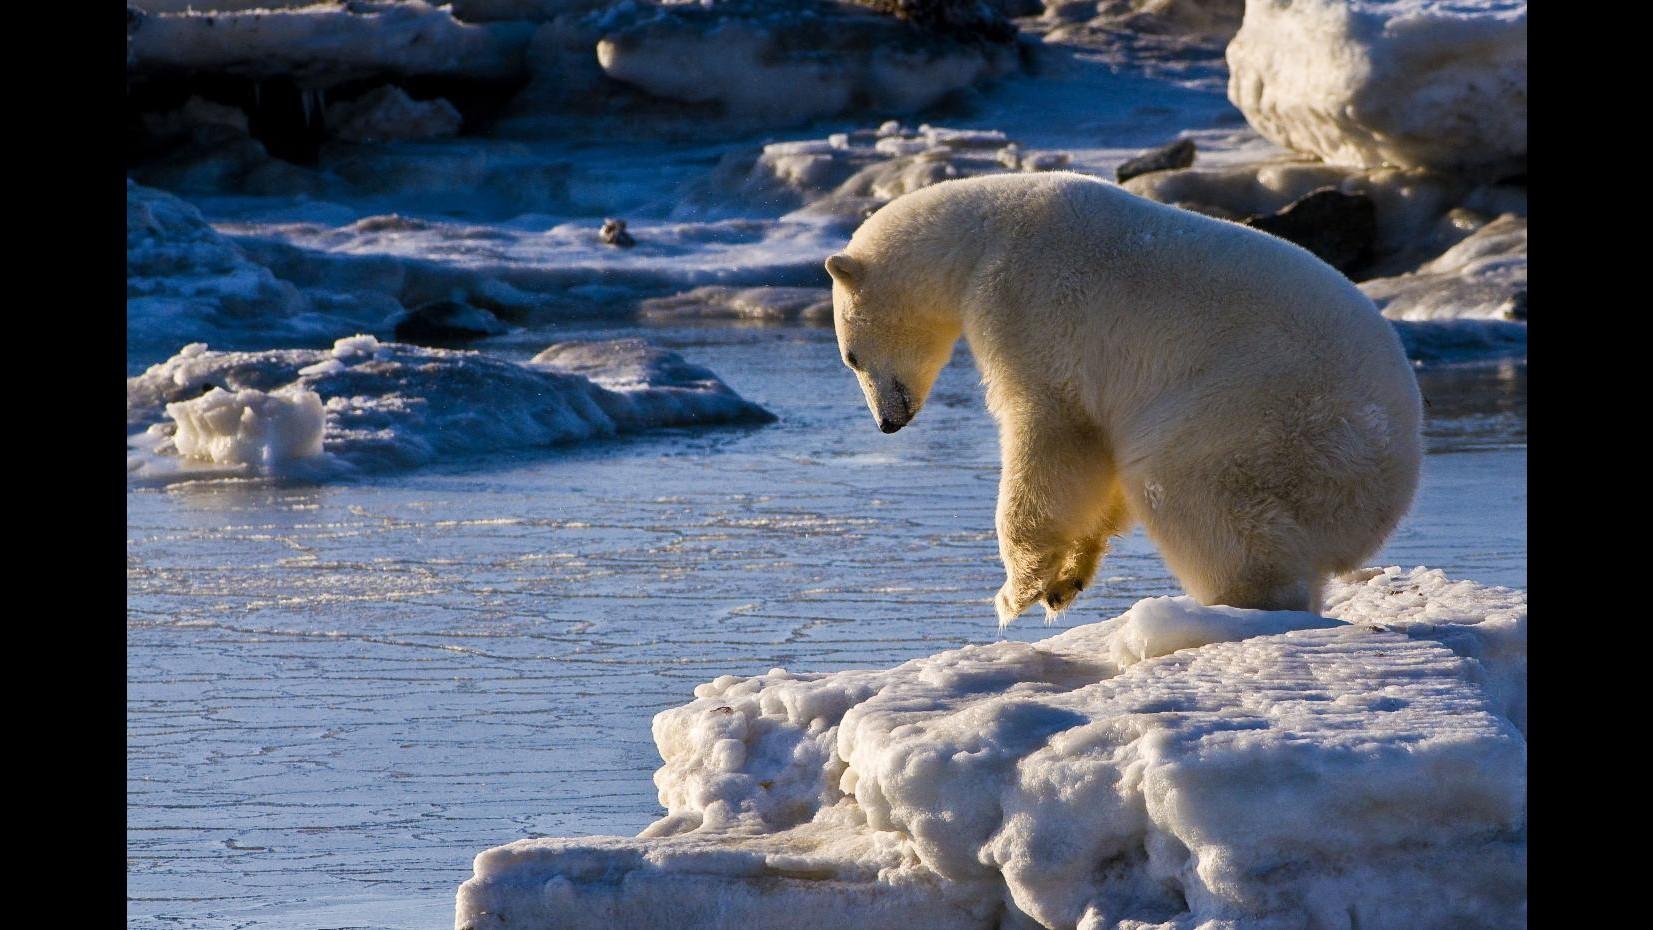 Allarme Groenlandia, ghiacciaio si scioglie: rischio aumento mari